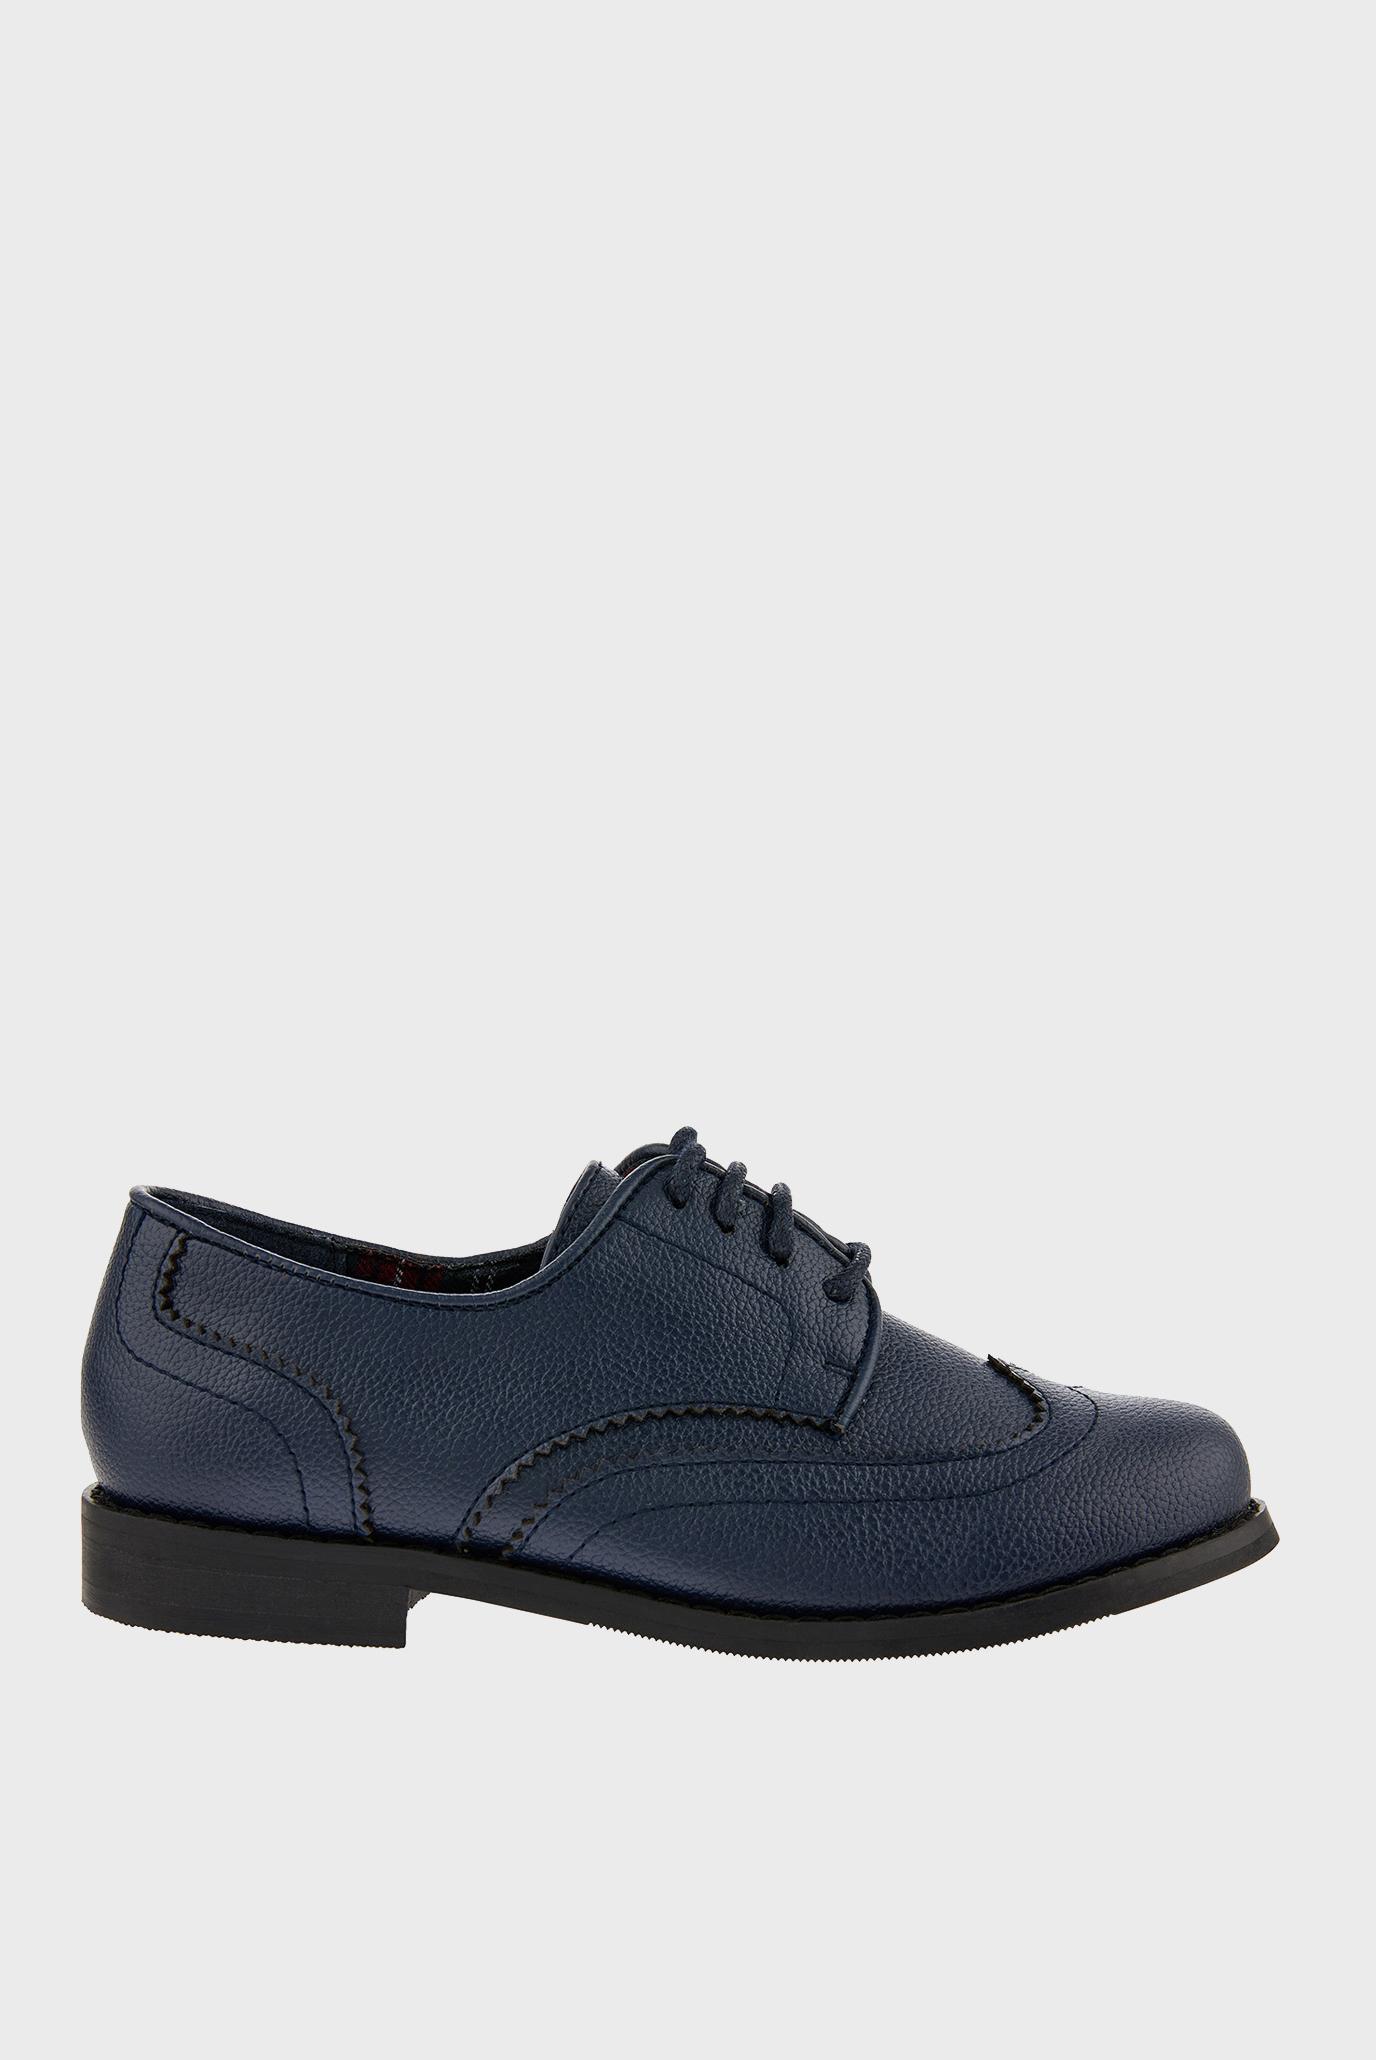 Детские синие туфли BOY BROGUE 1